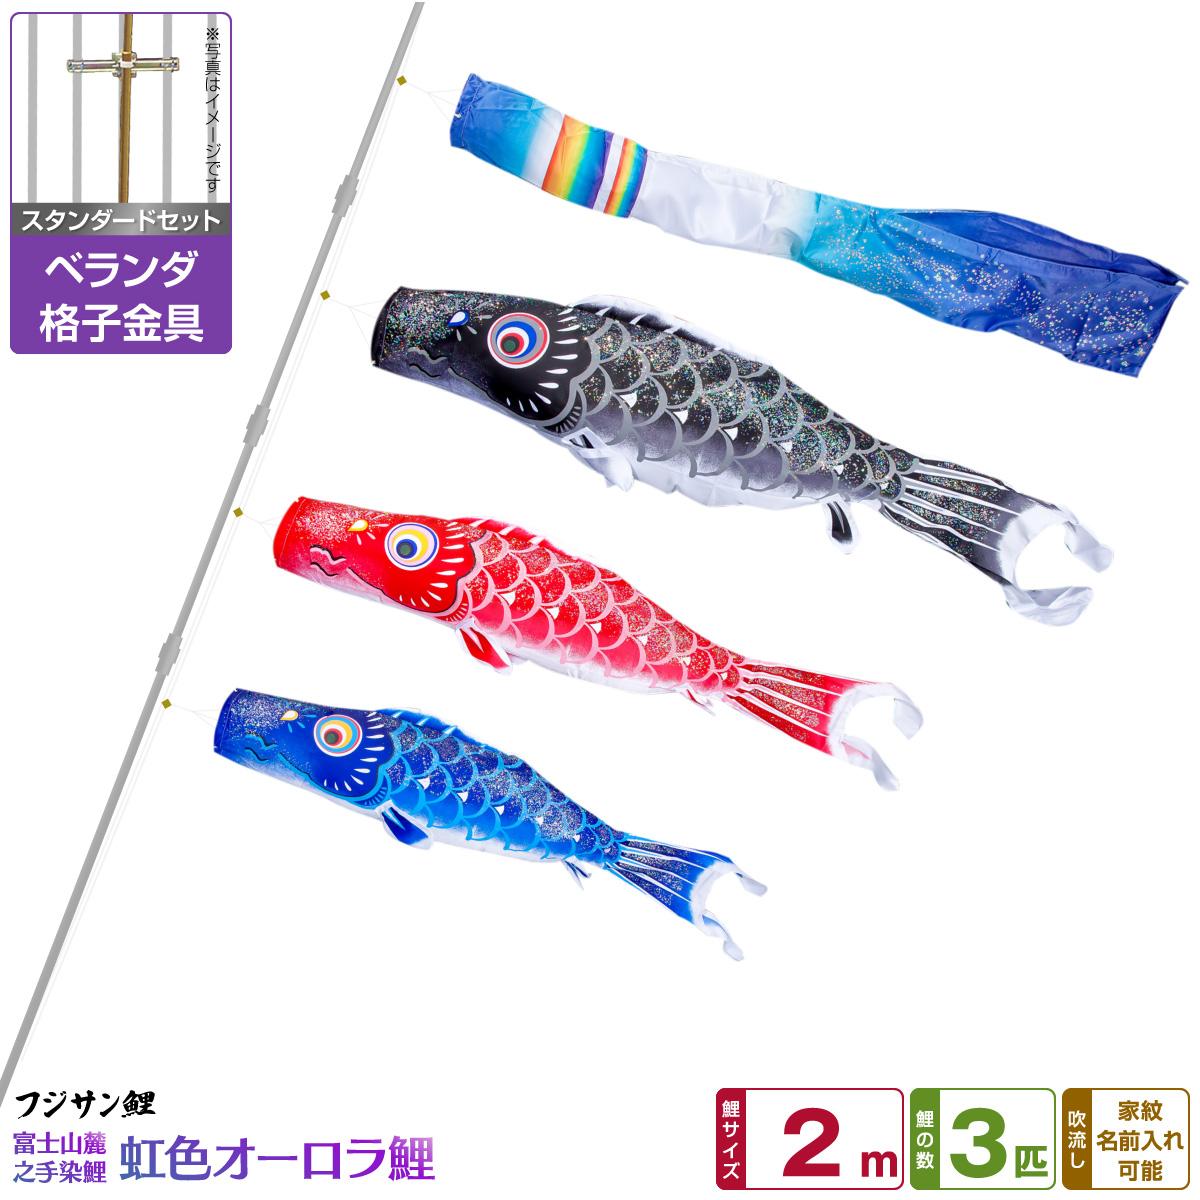 ベランダ用 こいのぼり 鯉のぼり フジサン鯉 オーロラ鯉 2m 6点(吹流し+鯉3匹+矢車+ロープ)/スタンダードセット(格子金具)